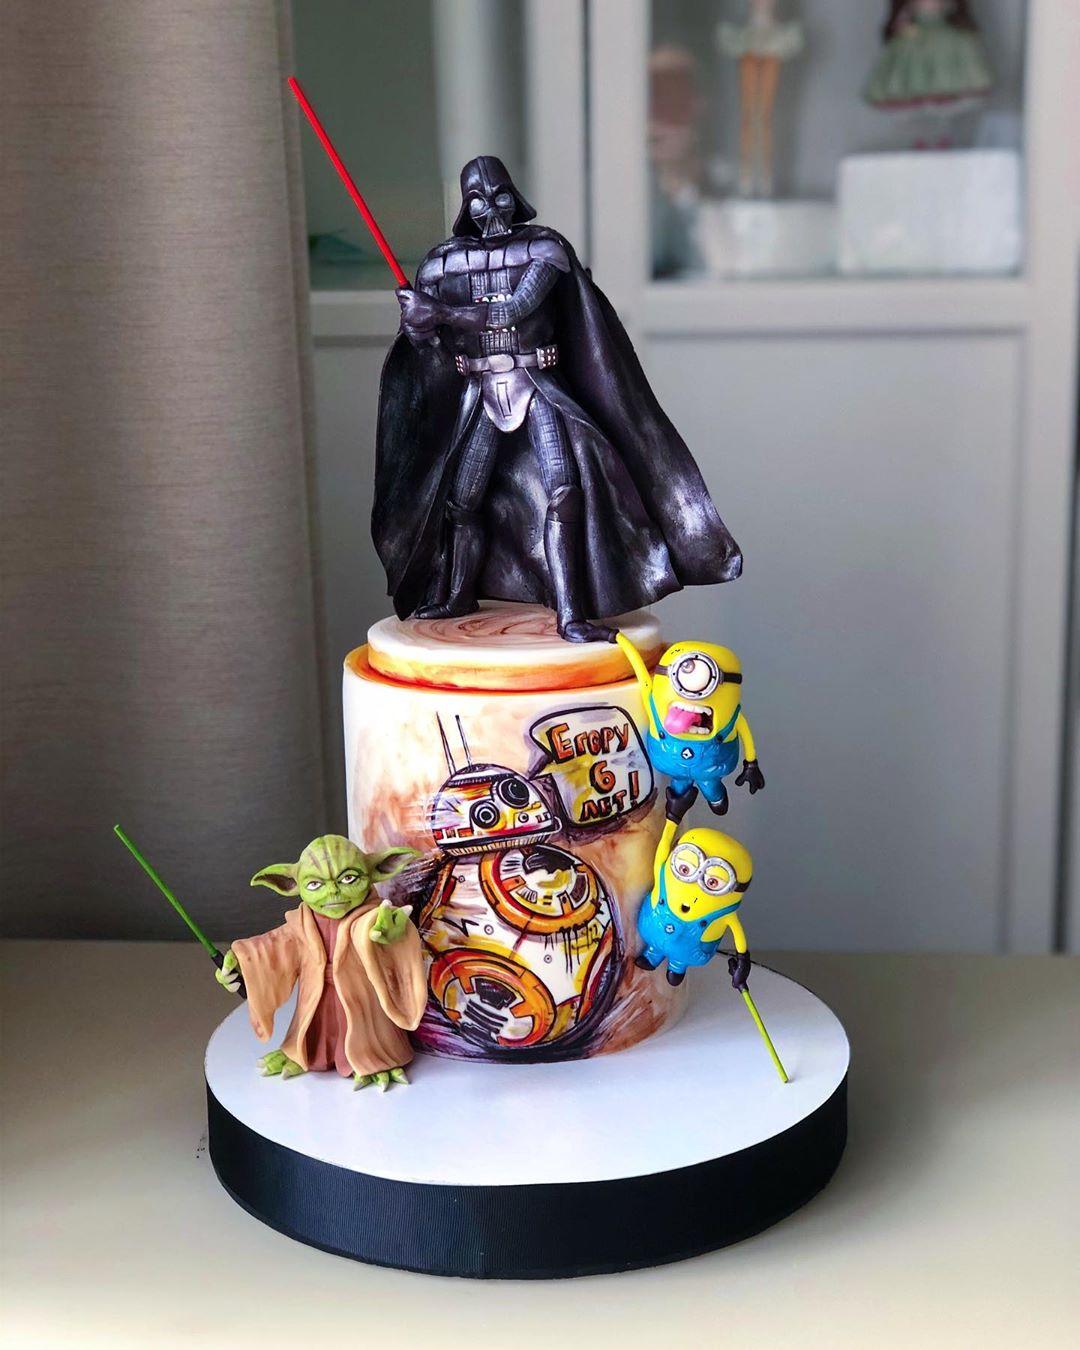 A gente não entendeu o que os minions estão fazendo num bolo de Star Wars... Mas as figuras estão ótimas! (Fonte: Instagram/Reprodução)